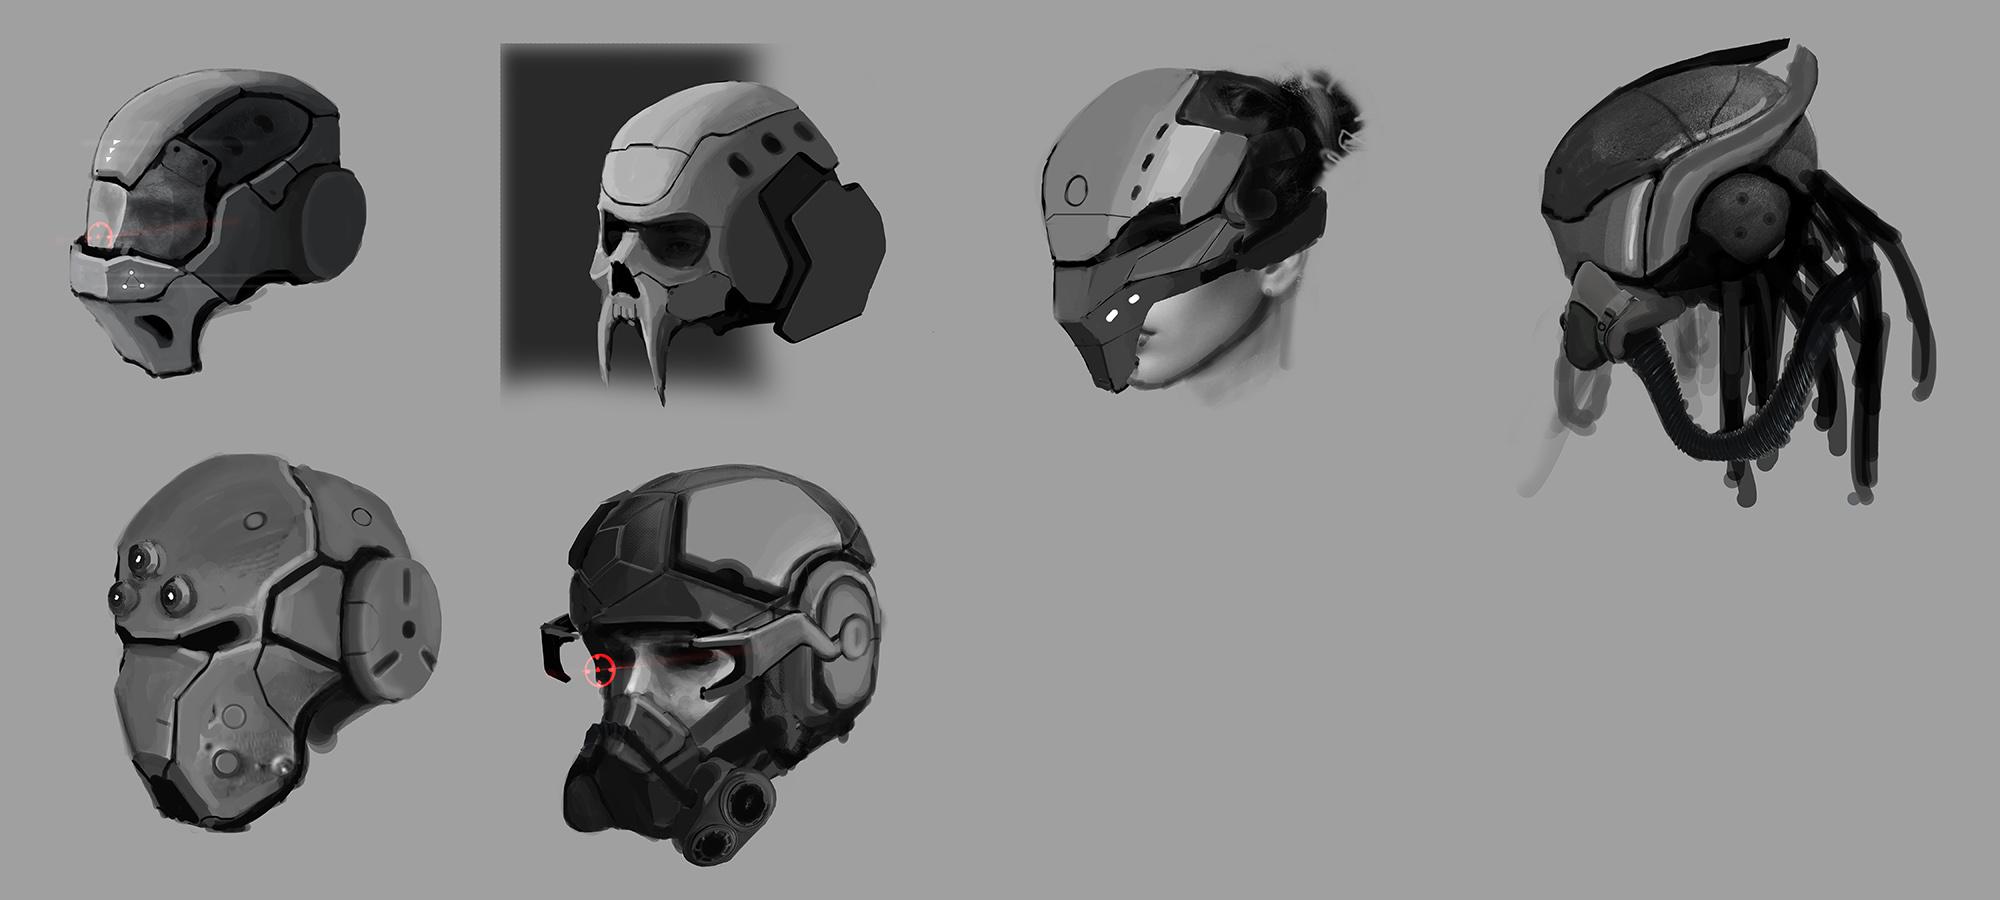 HelmetConcept